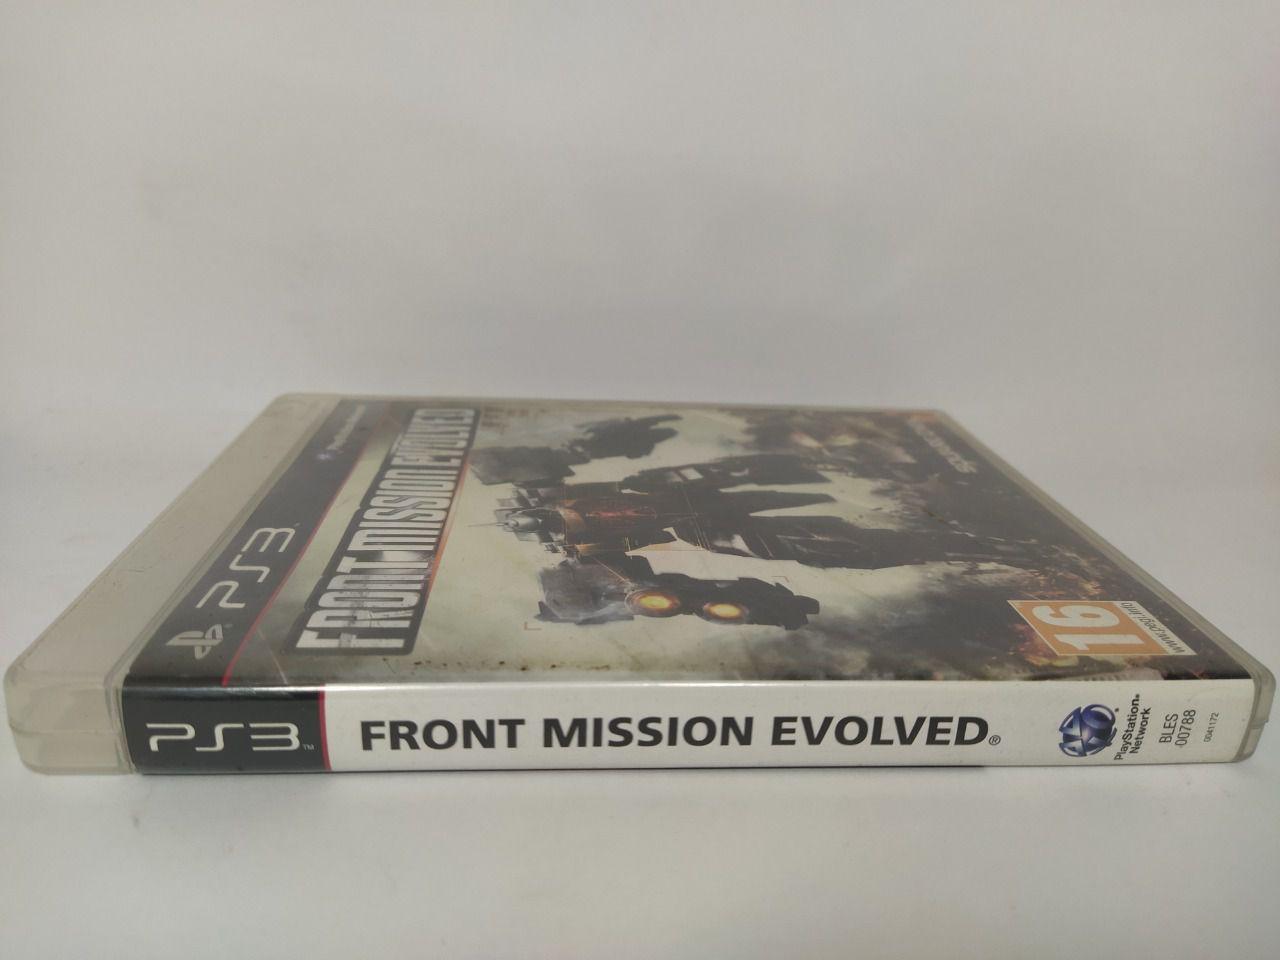 Jogo Ps3 Front Mission Evolved Mídia Física Usado